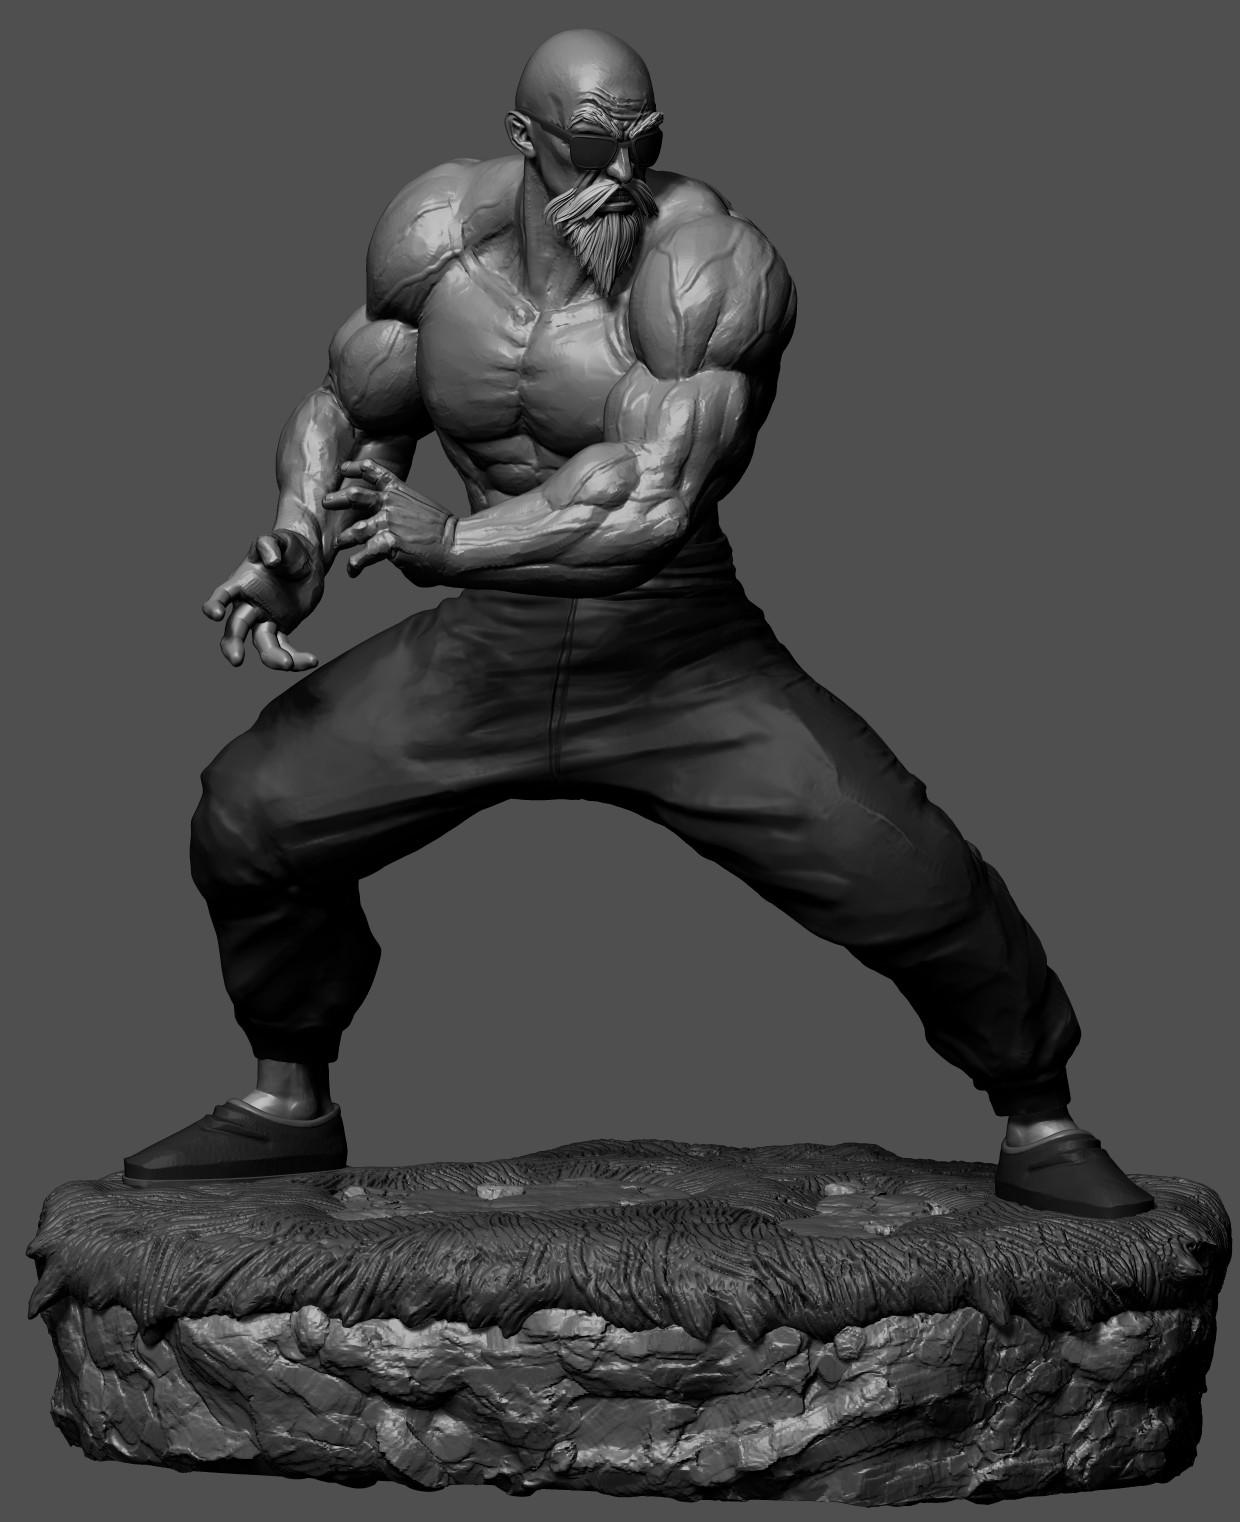 Master Roshi_Original Kamehameha